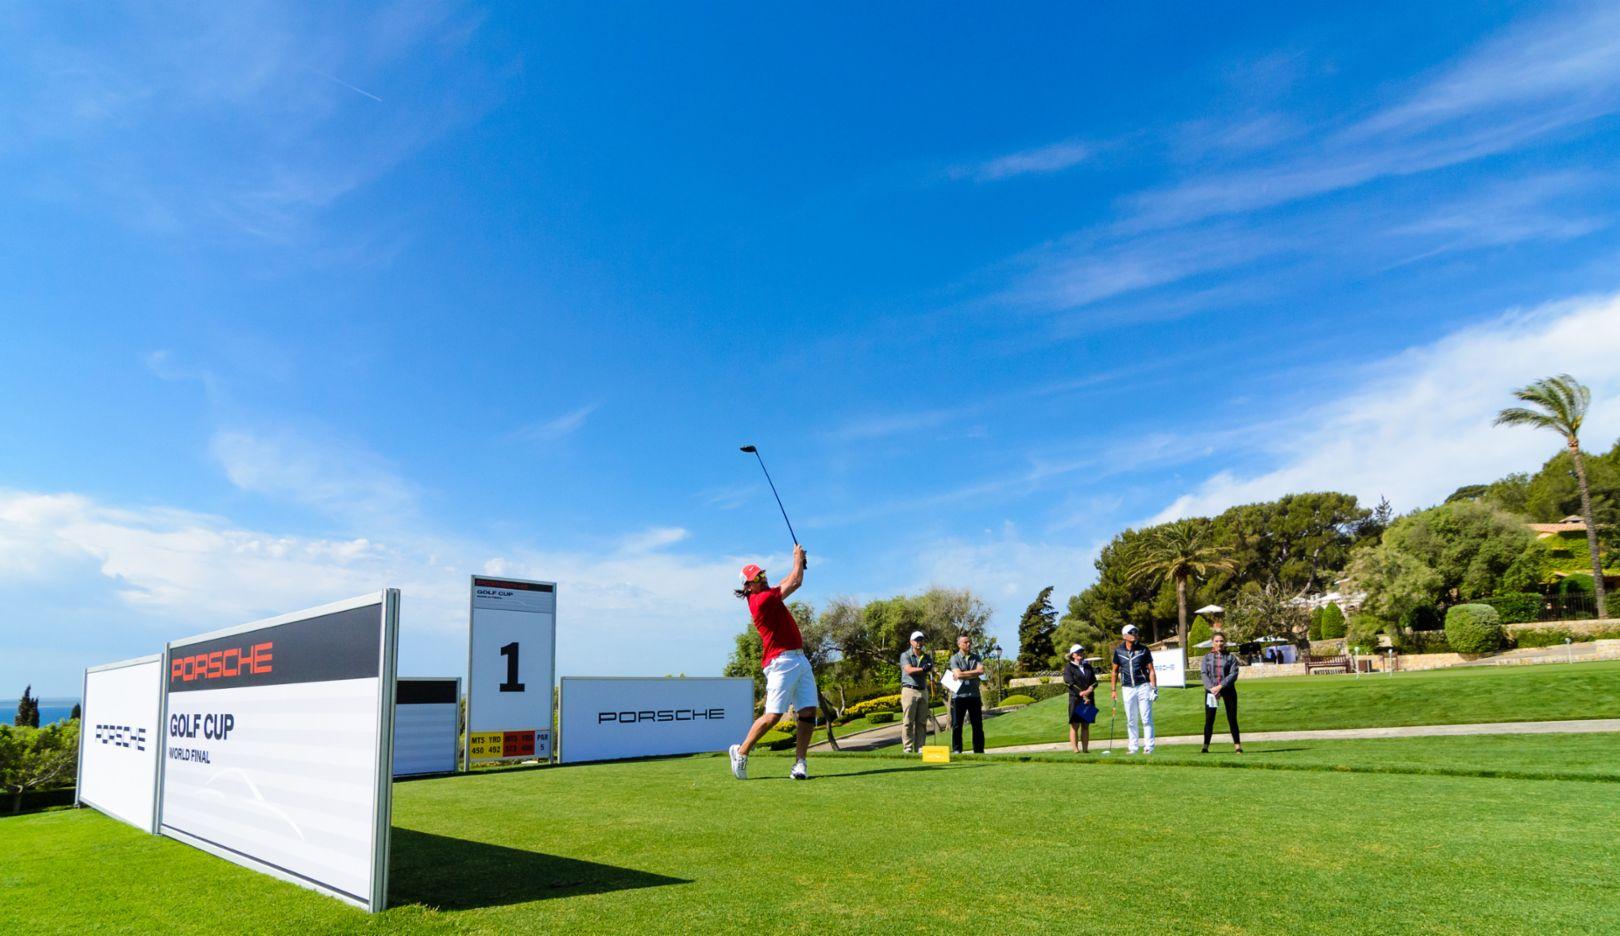 Club de Golf Alcanada, Porsche Golf Cup, Mallorca, 2015, Porsche AG